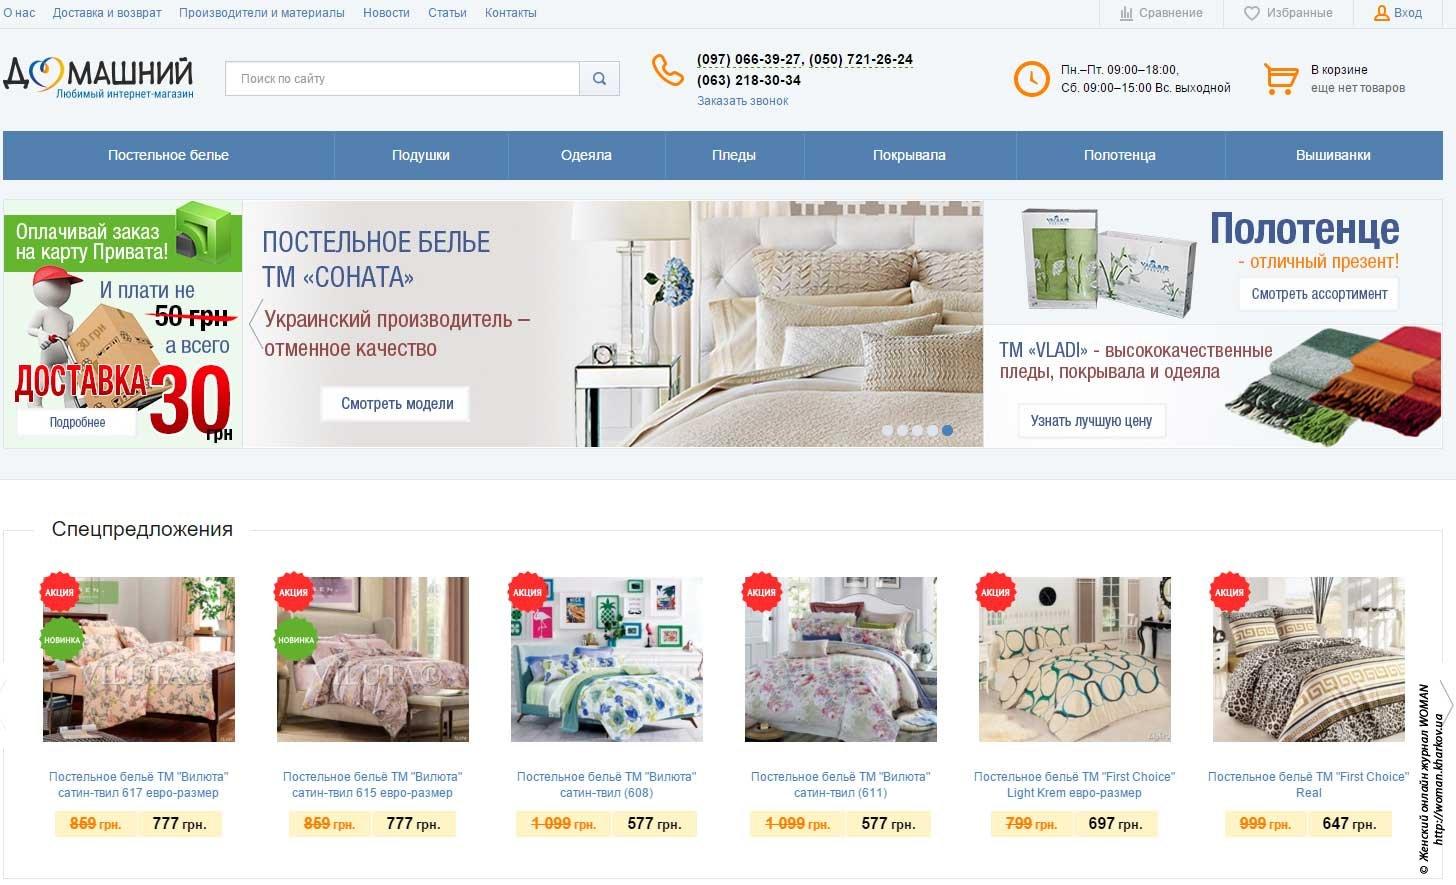 Покупки в Интернет: все преимущества и выгоды для клиентов.